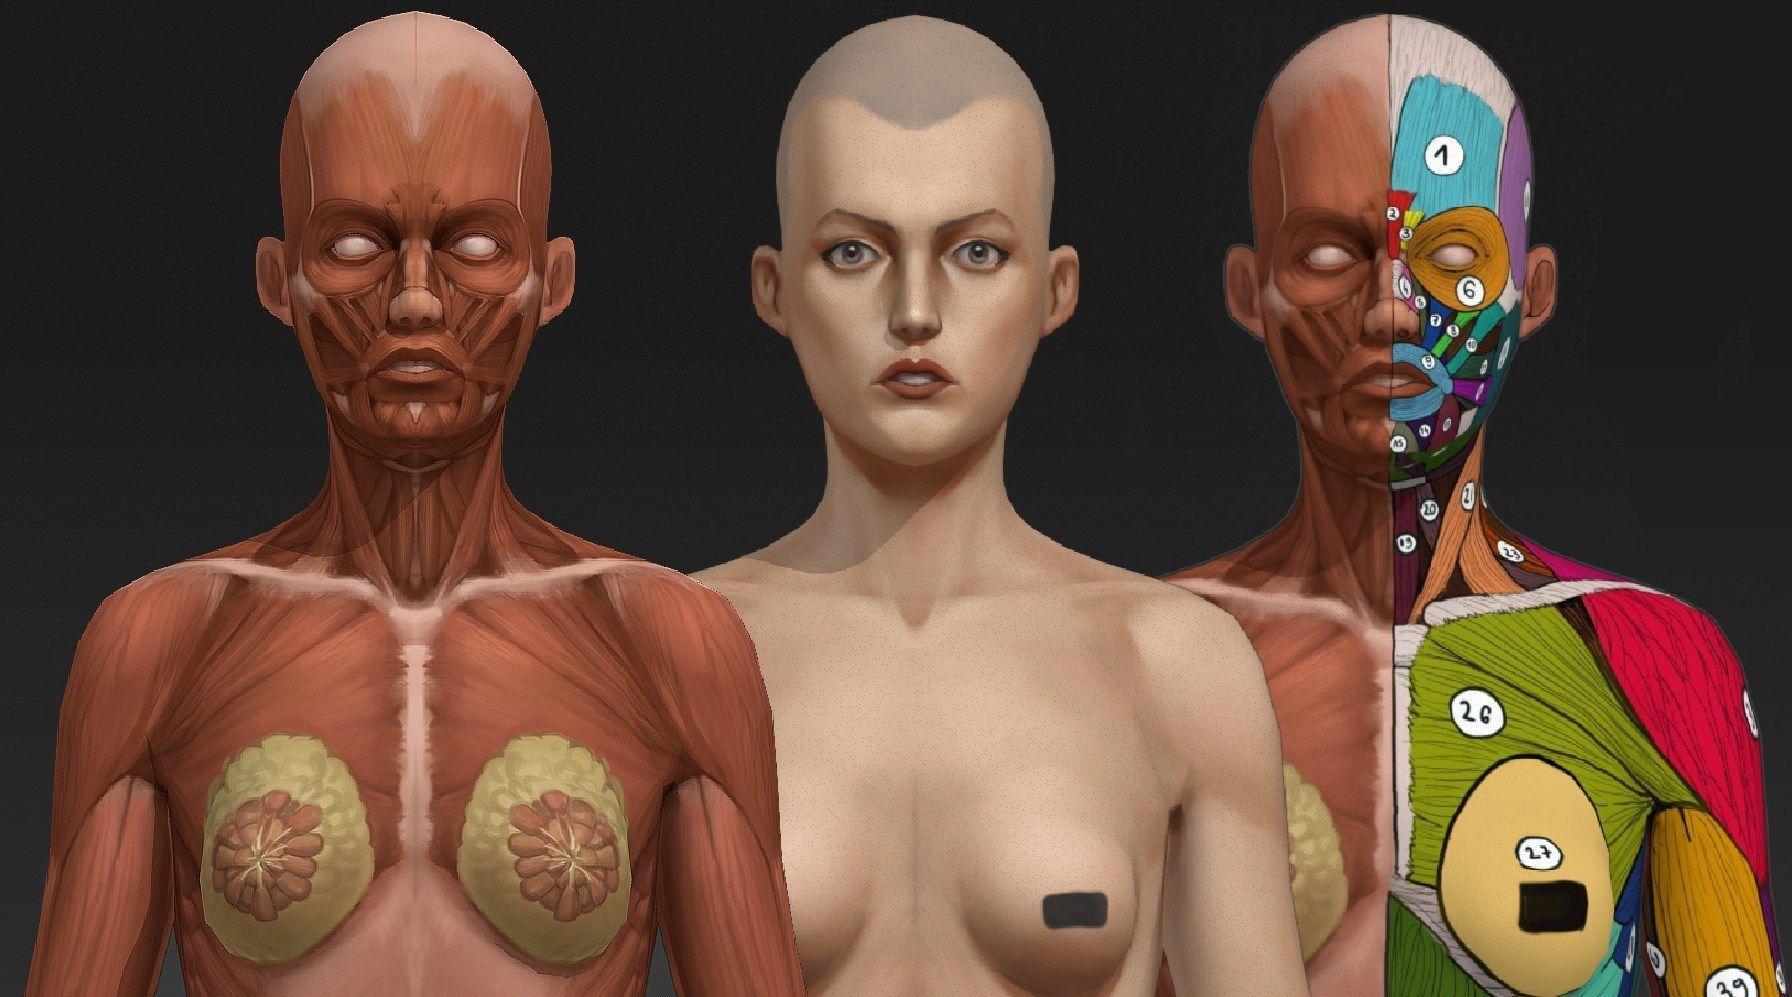 Woman anatomy study